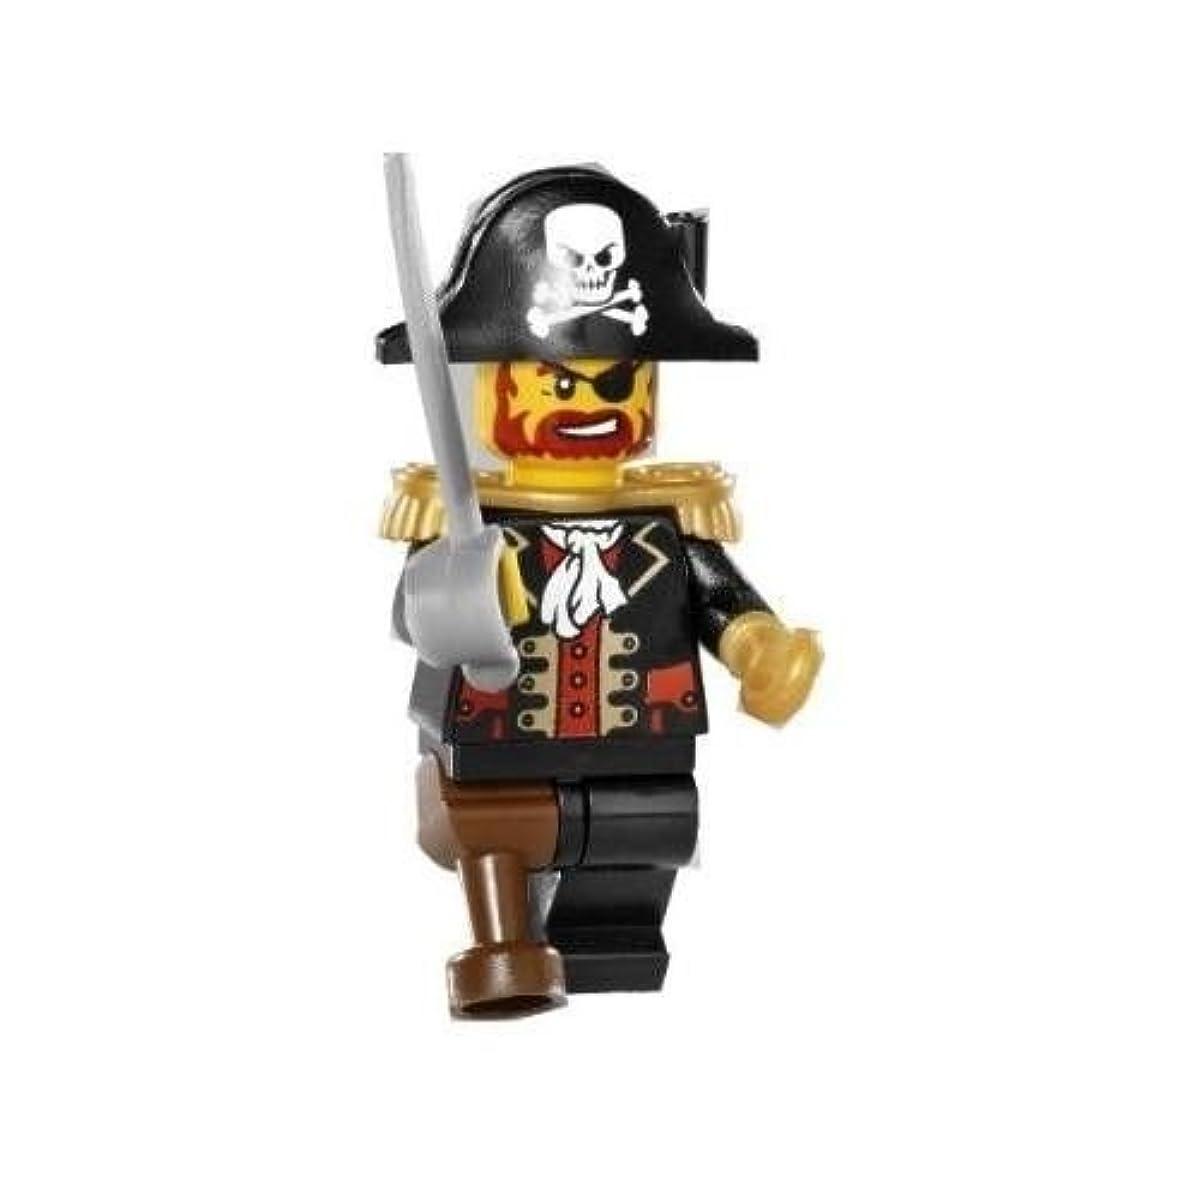 [해외] LEGO 파이럿 캡틴 brick 비어―드 레드 비어―도 미니 피규어 (2009).